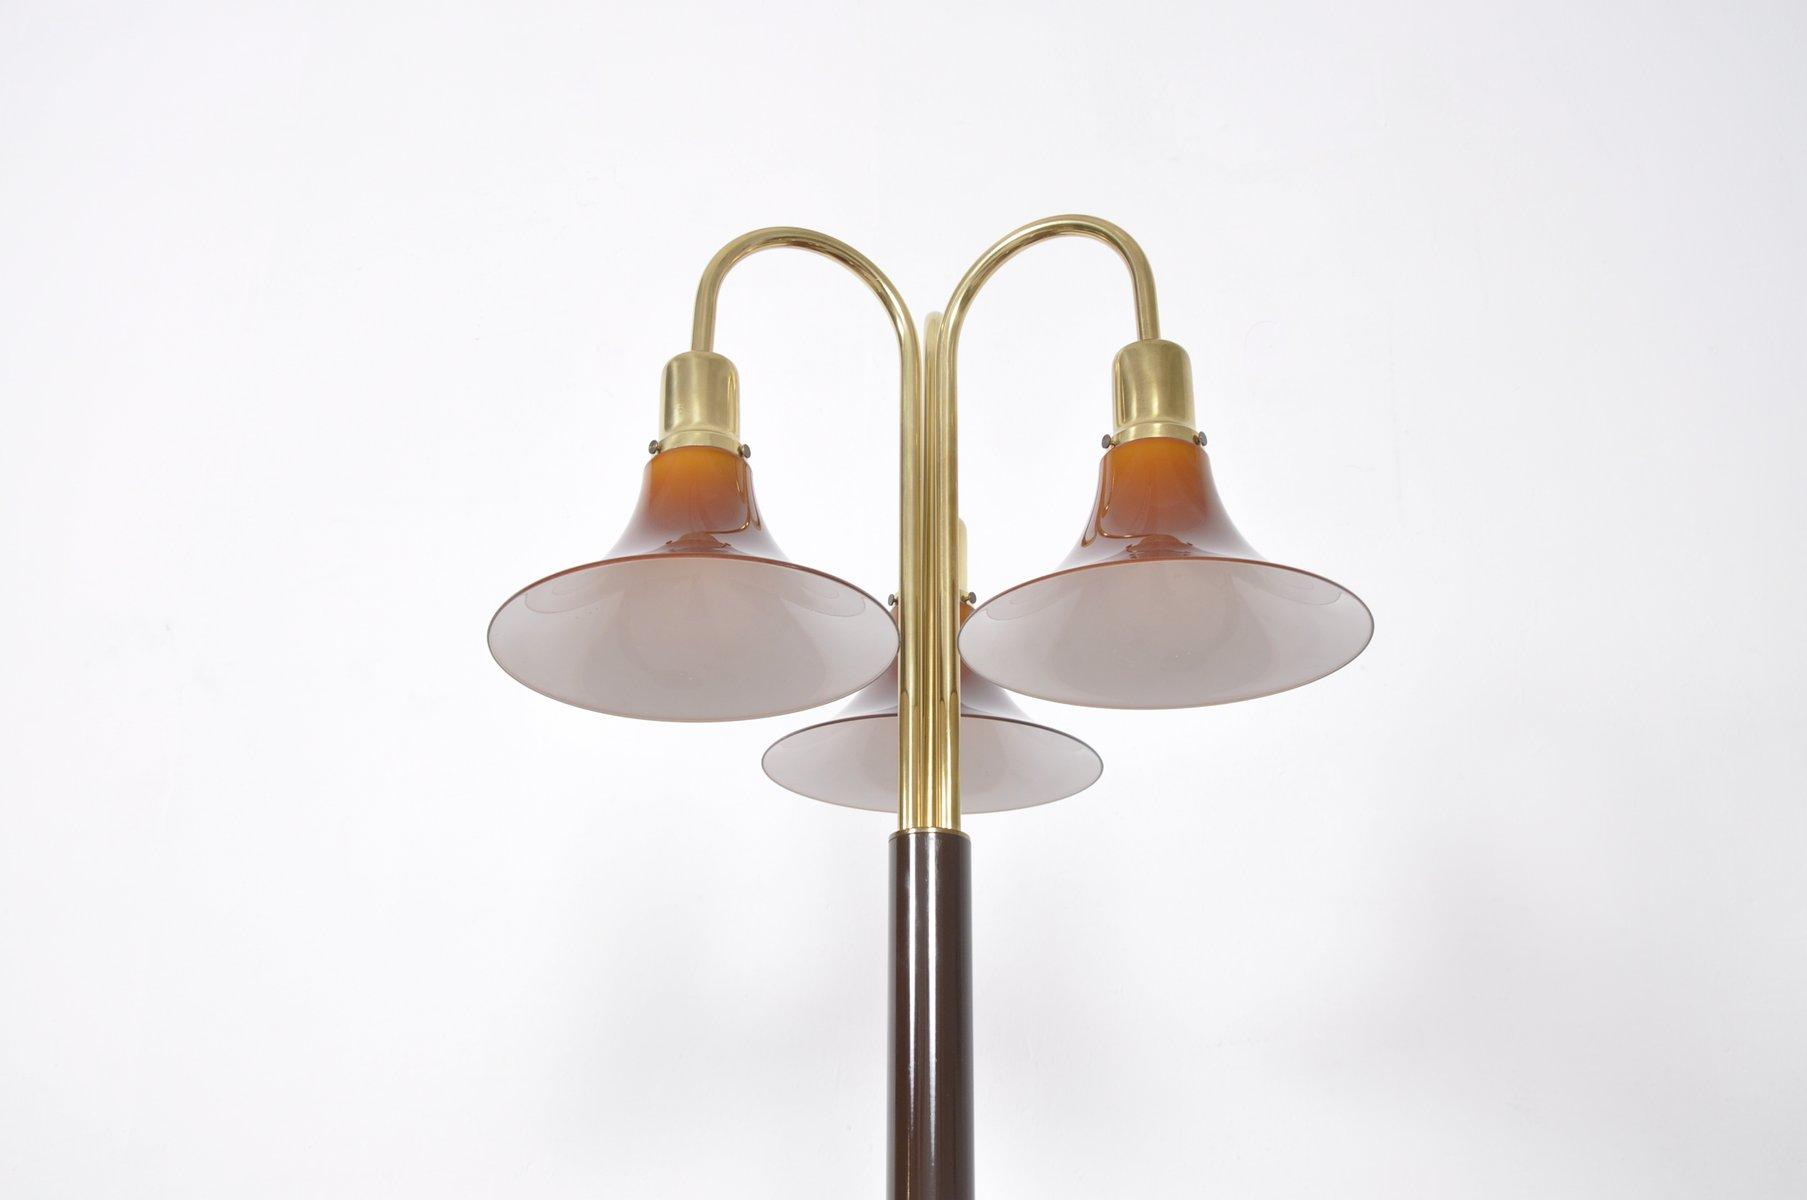 italienische vintage tulip stehlampe mit drei leuchten bei pamono kaufen. Black Bedroom Furniture Sets. Home Design Ideas